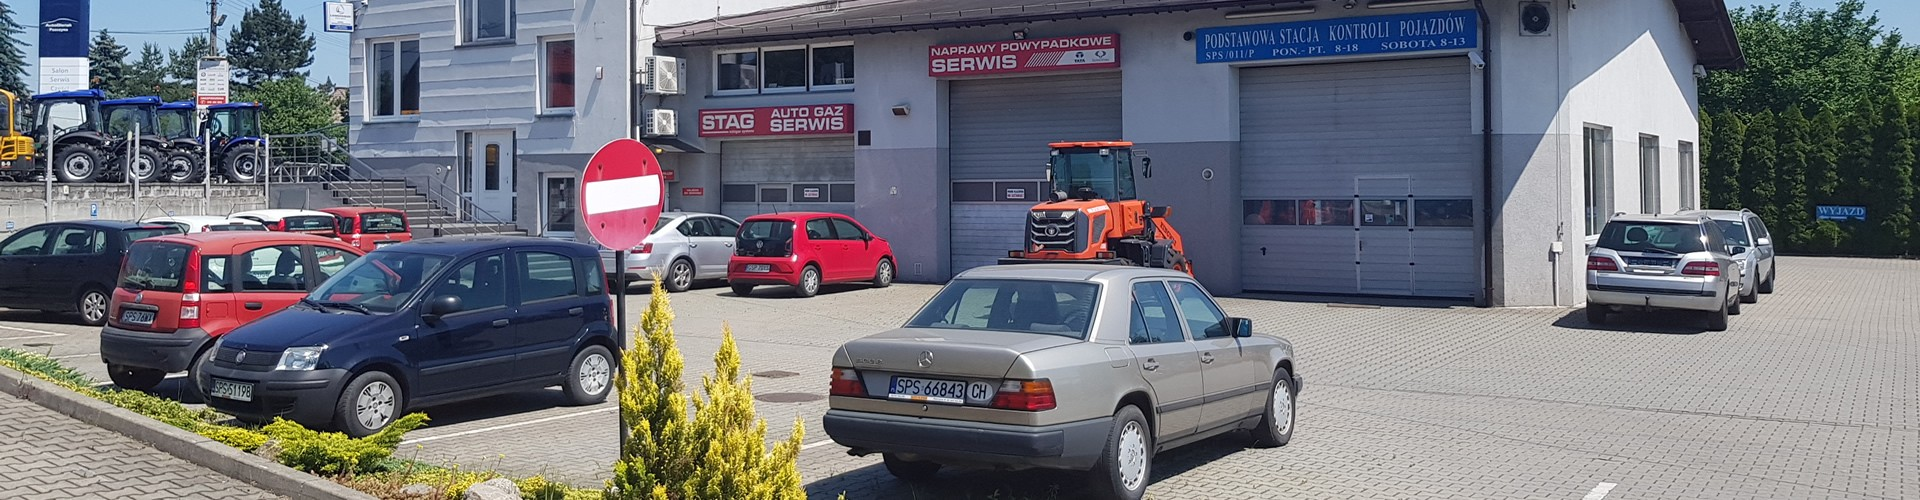 Auto Gleńsk Pszczyna